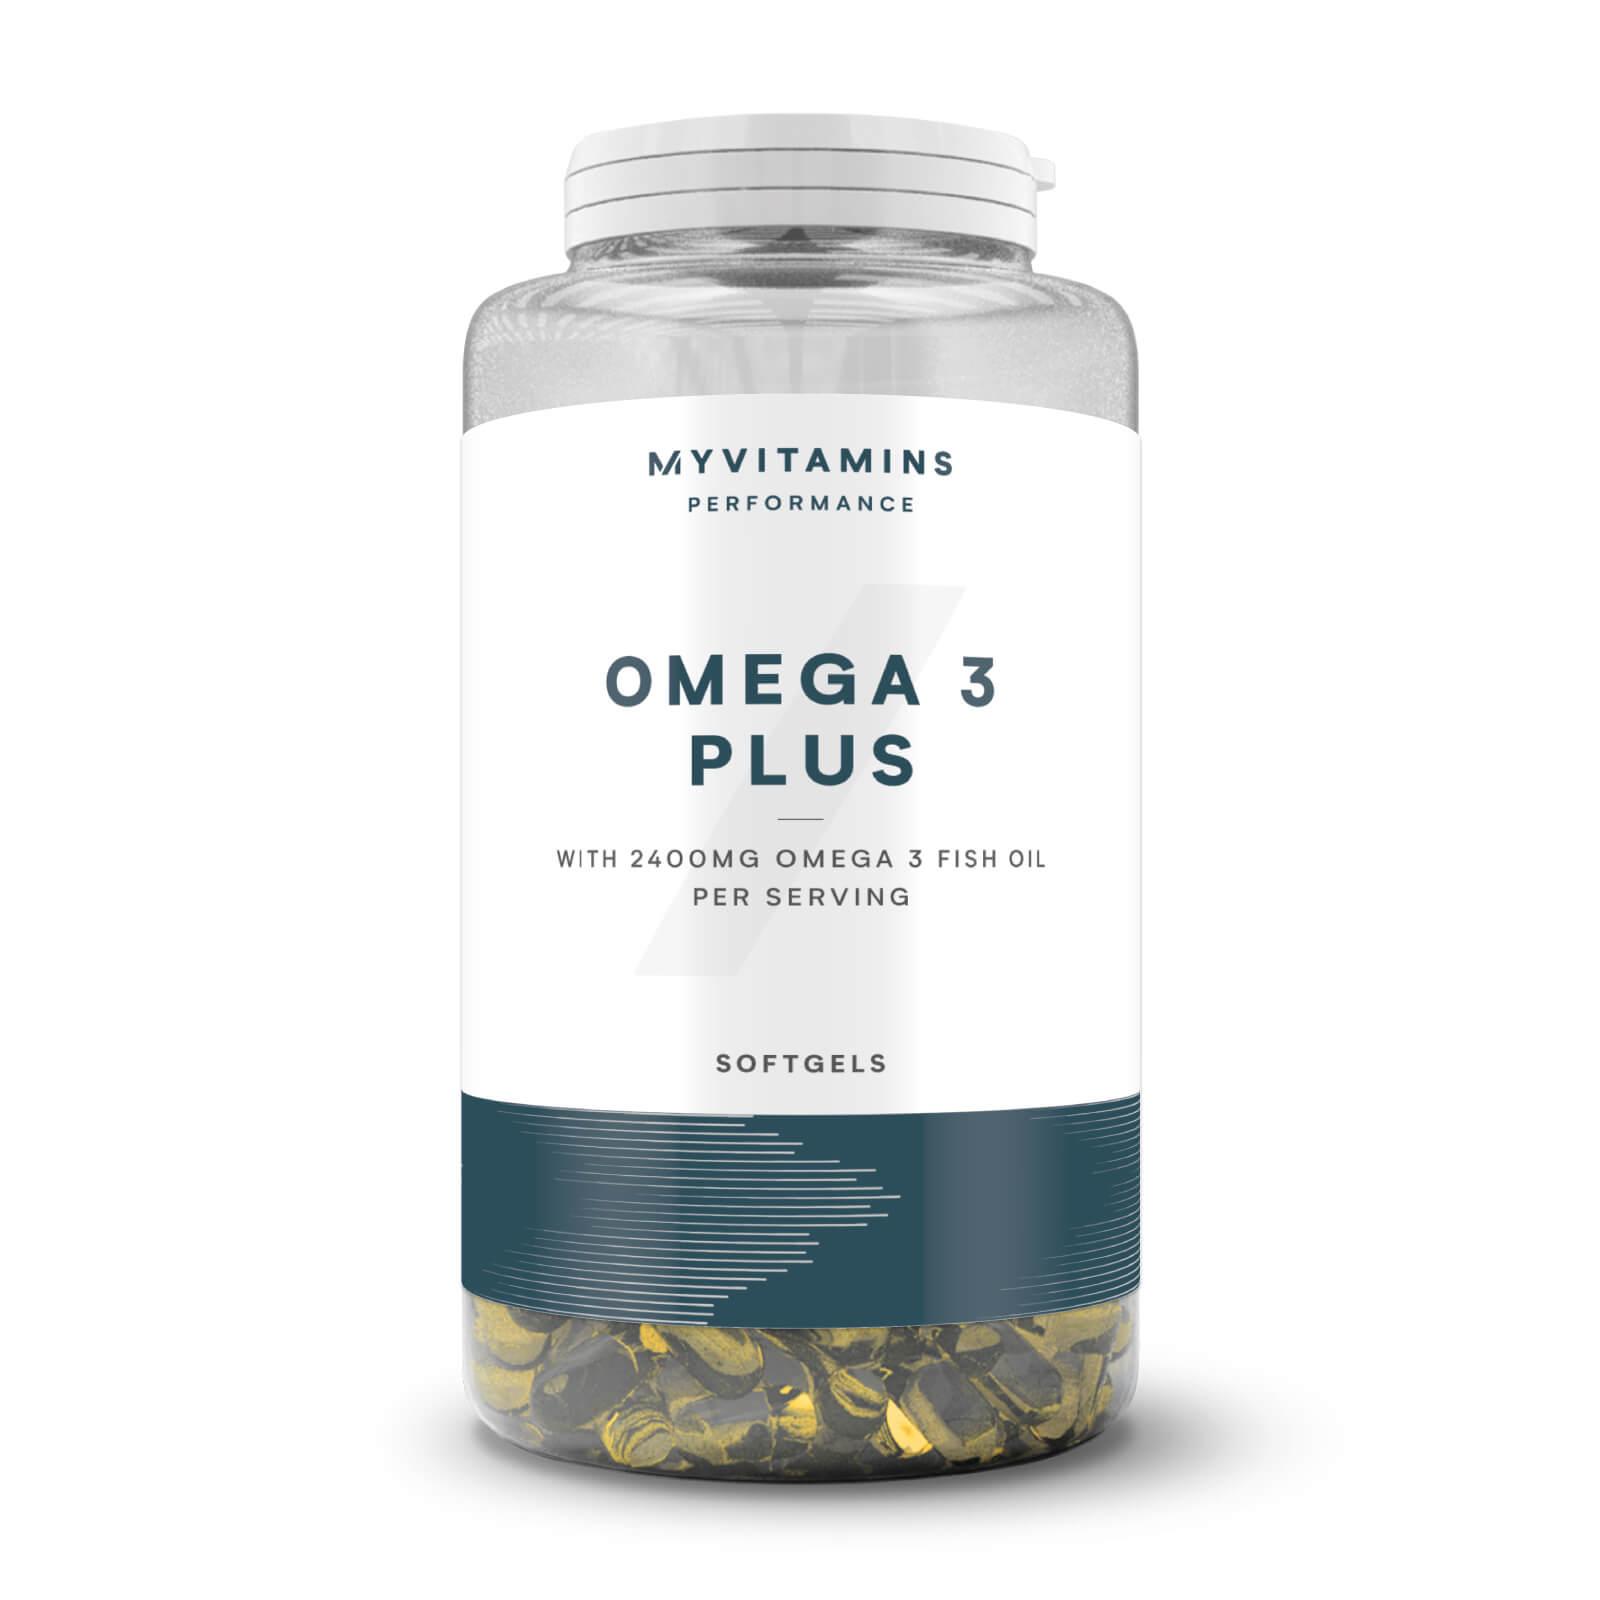 Myvitamins Omega-3 Plus - 250Capsule